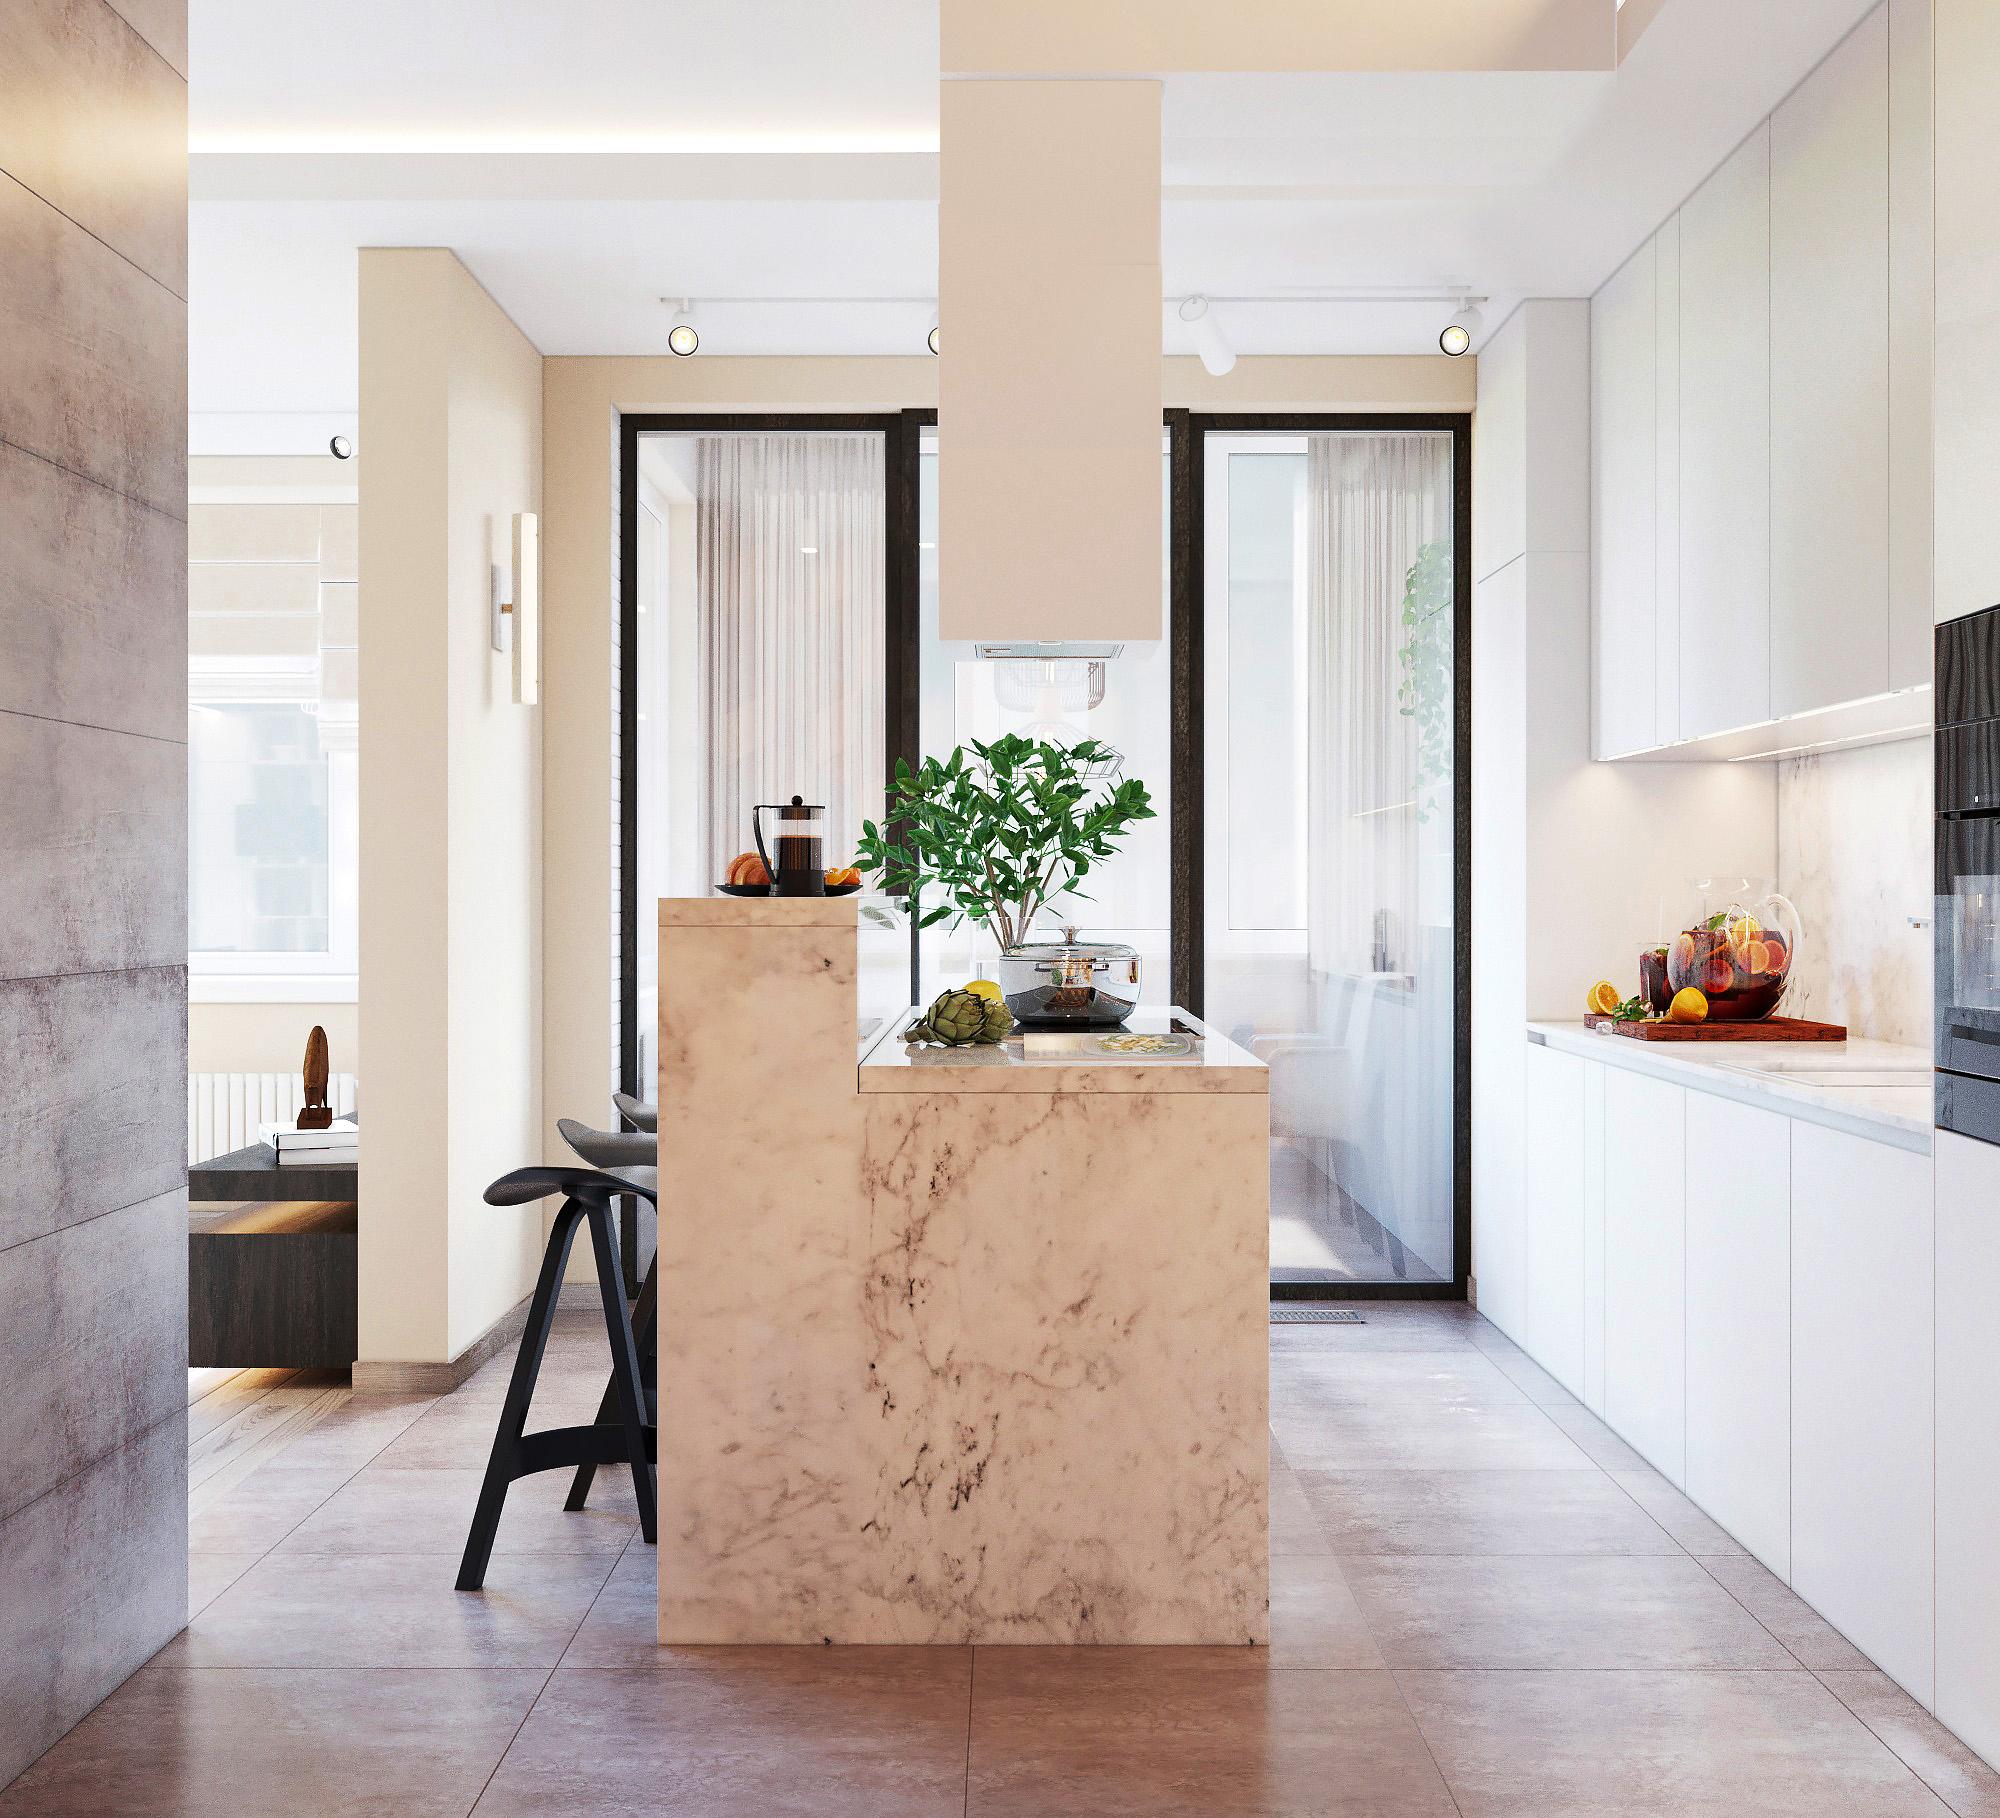 ЖК Дом на мельникова. - 3х комнатная квартира в новостройке в стиле современного минимализма. Общая площадь 104,7 метра кв.